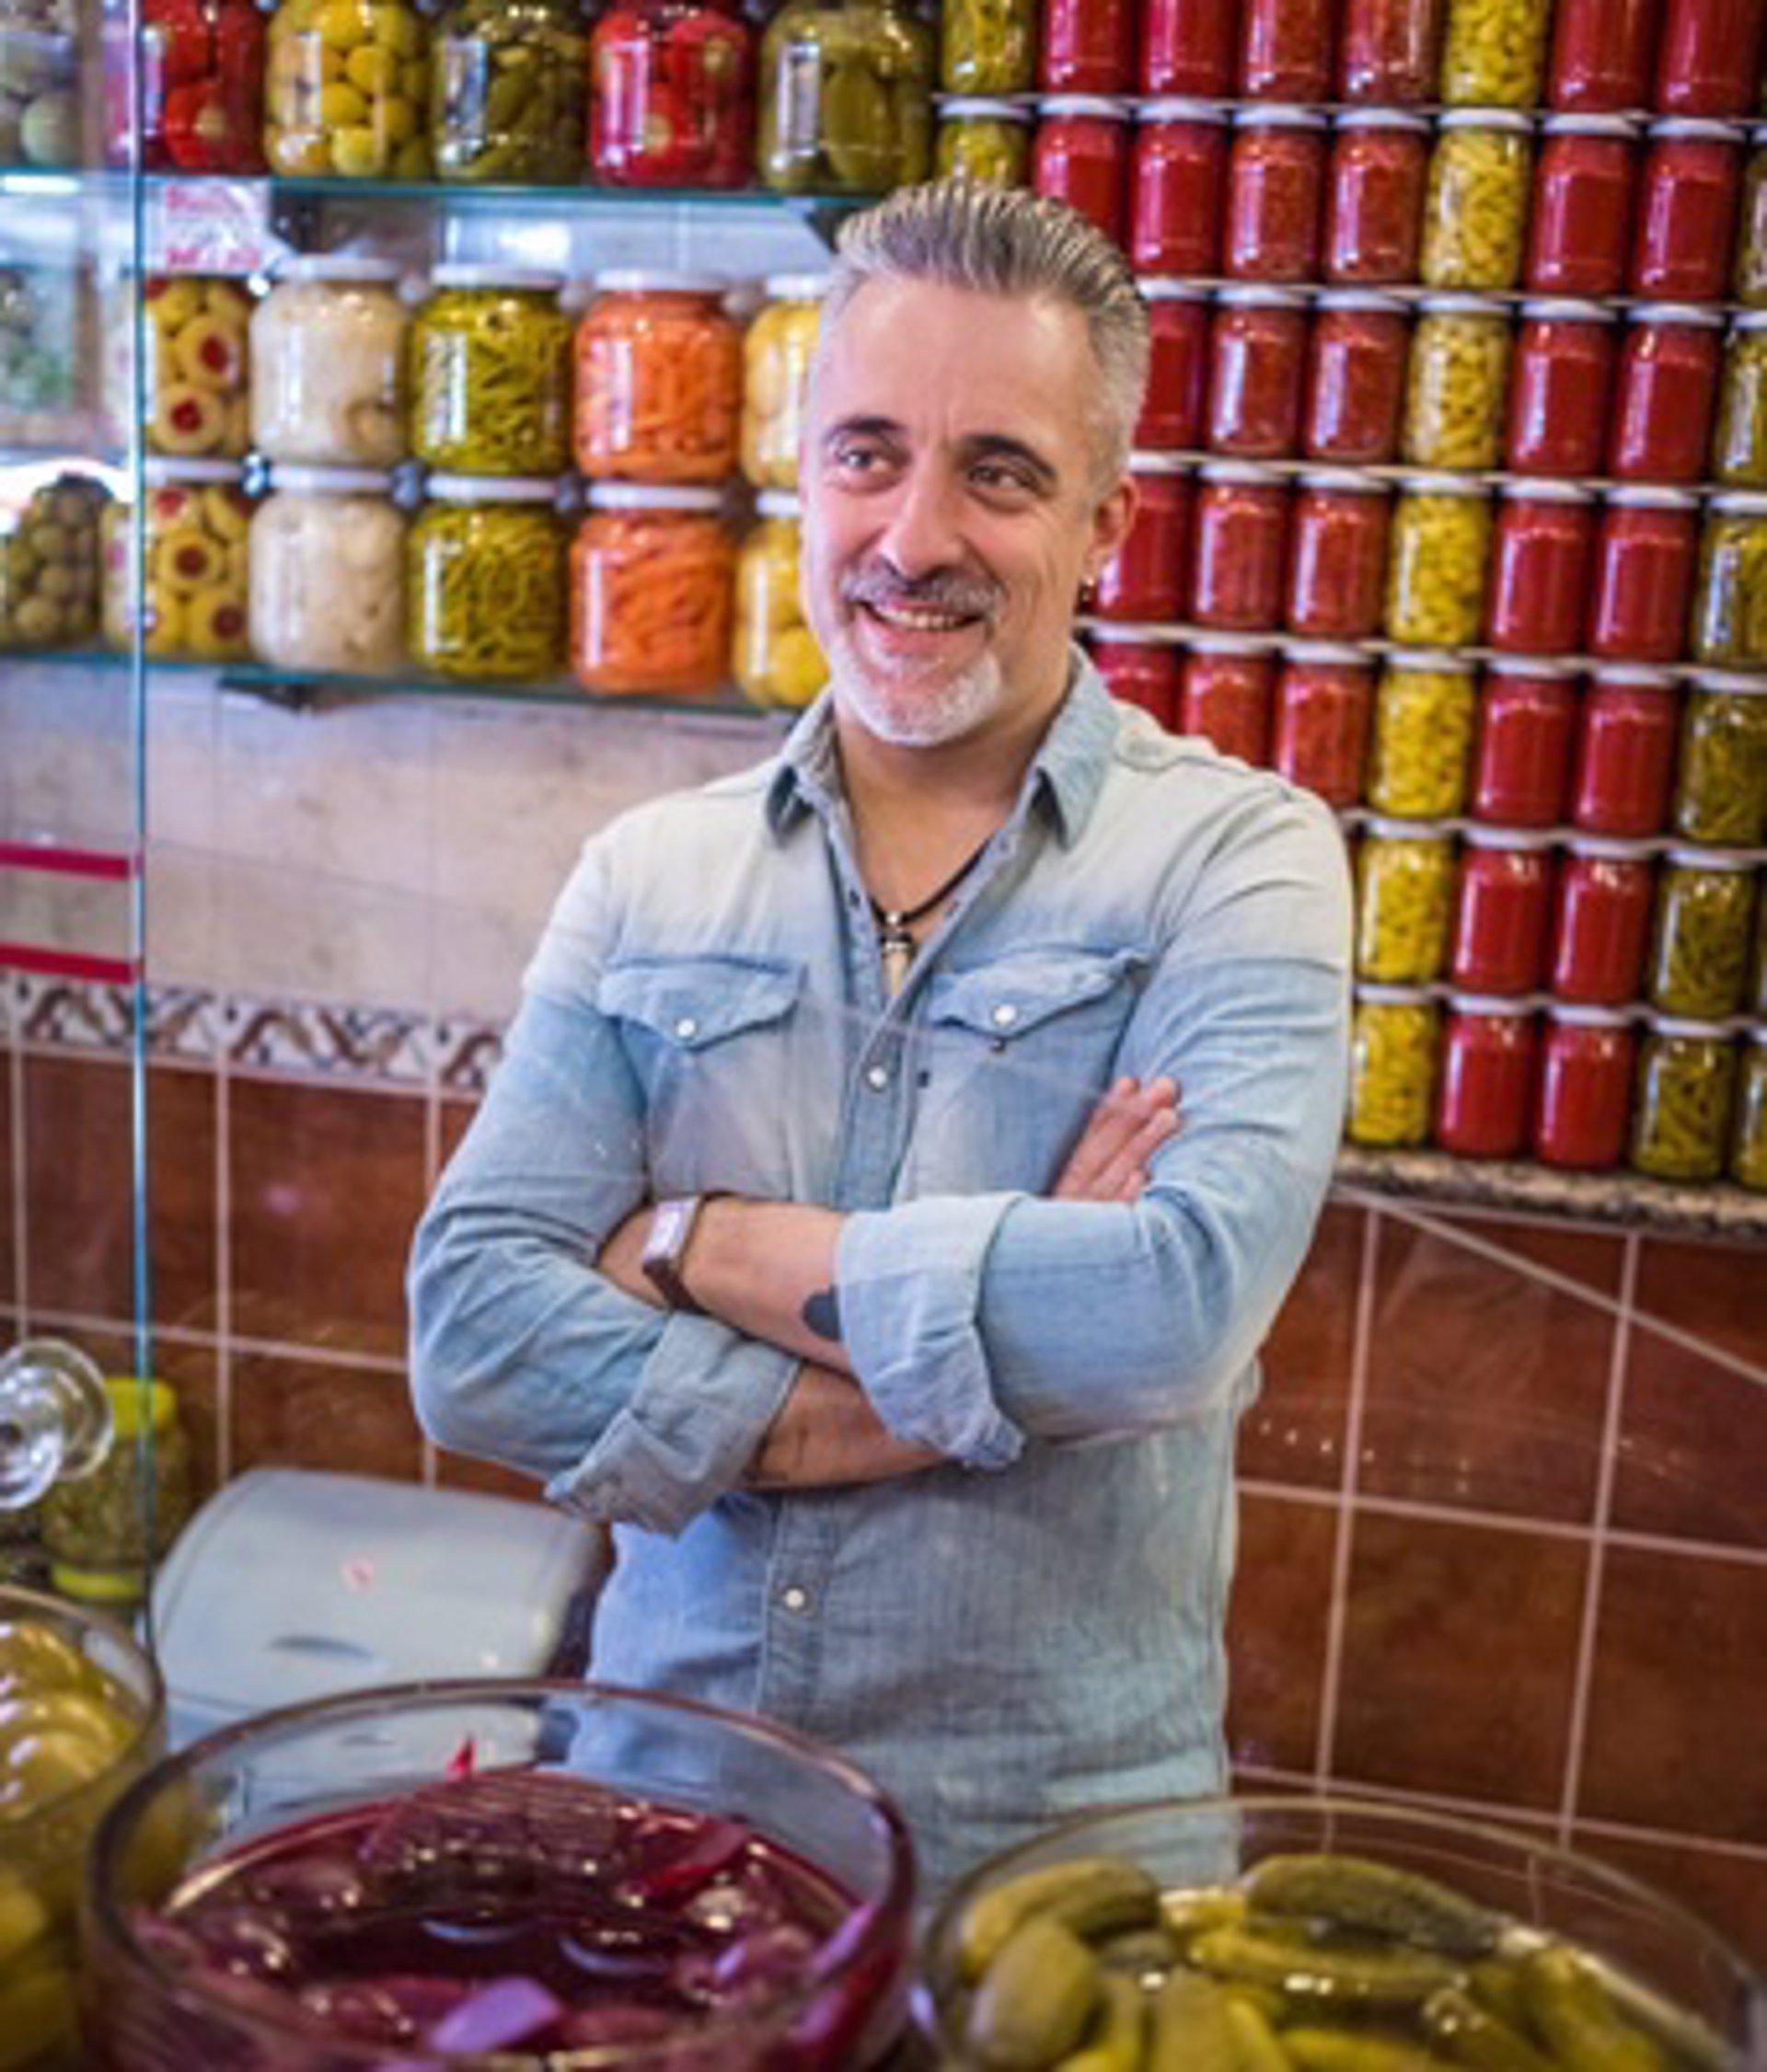 Sergi arola cierra su restaurante buque insignia - Restaurante sergi arola madrid ...